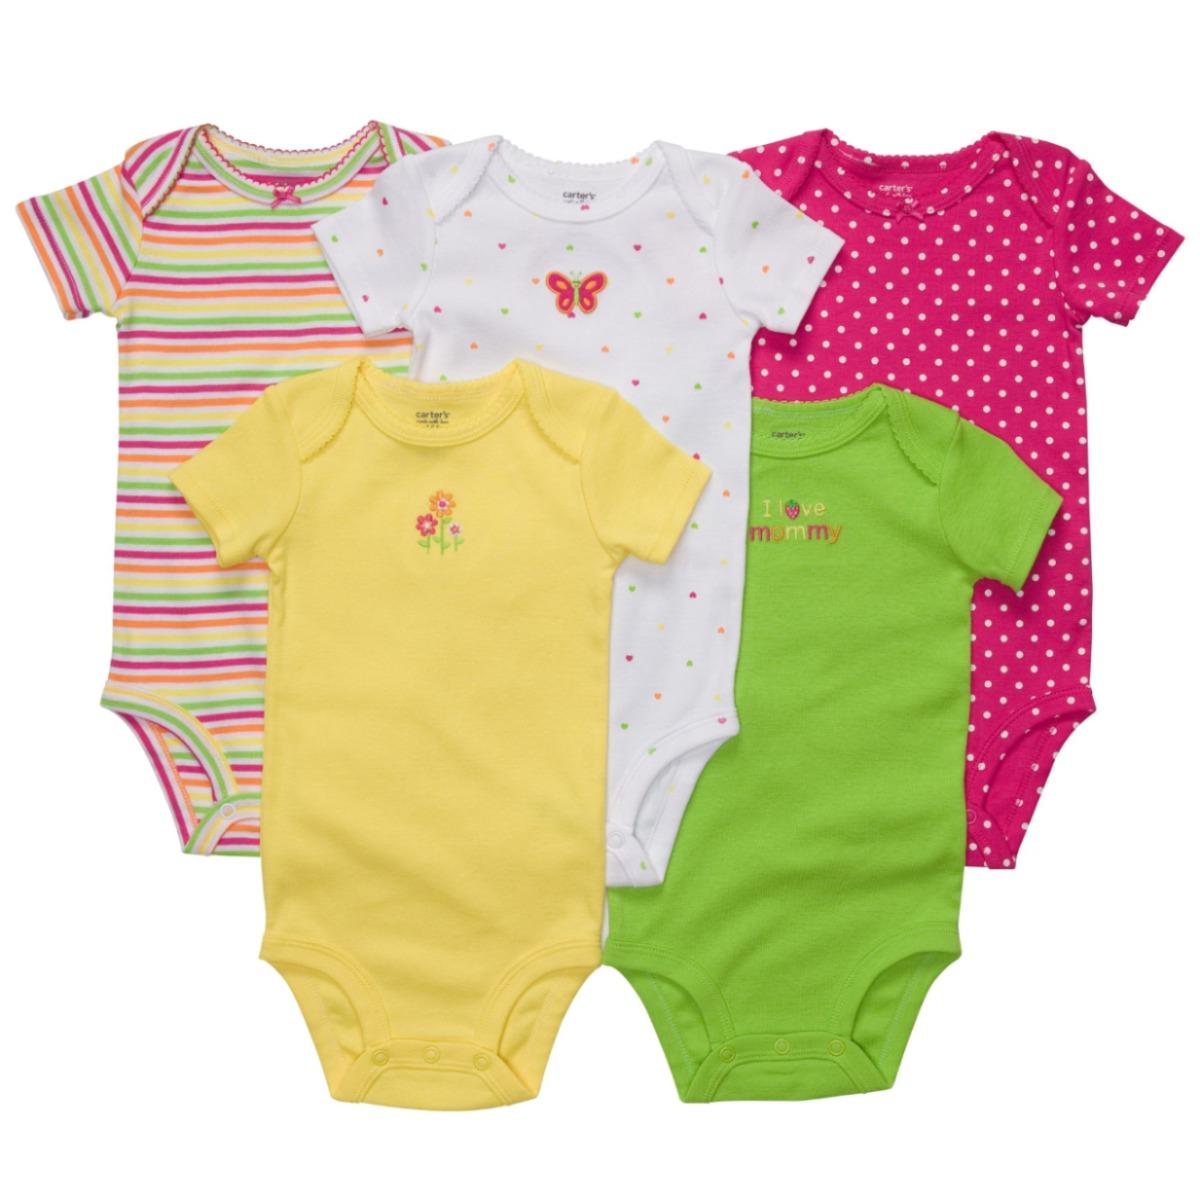 que ropa de bebe